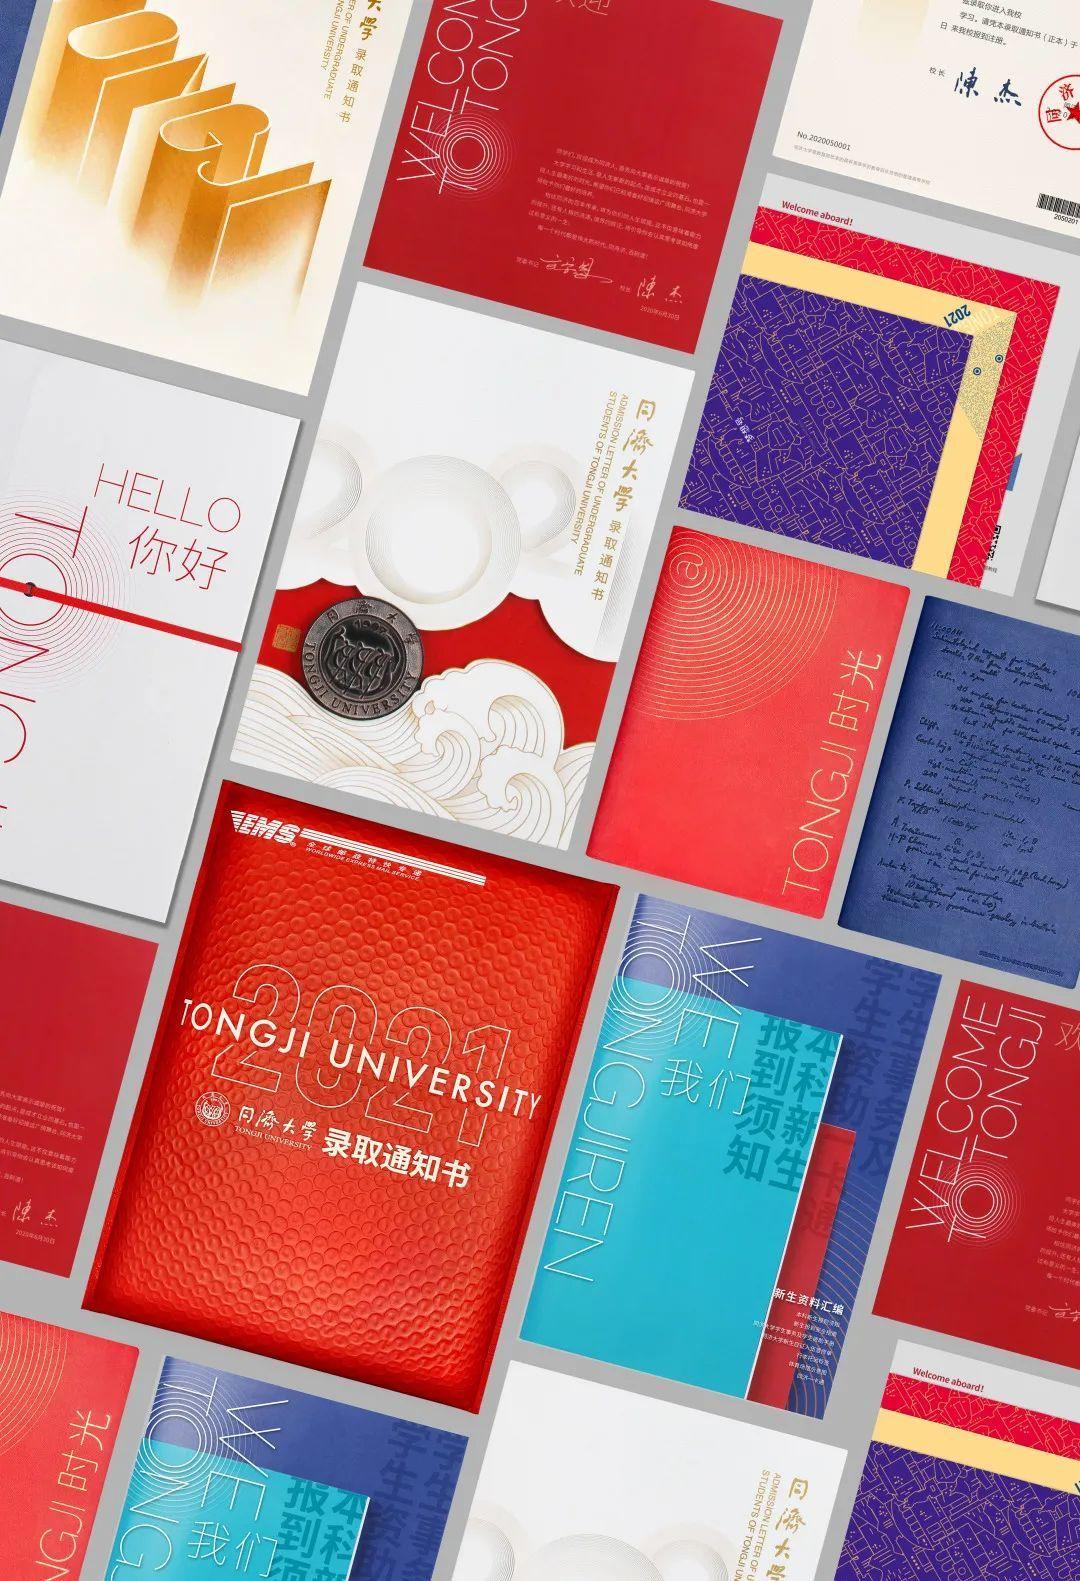 同济大学时光笔记可保存200年 同济大学2021年本科生录取通知书大揭秘